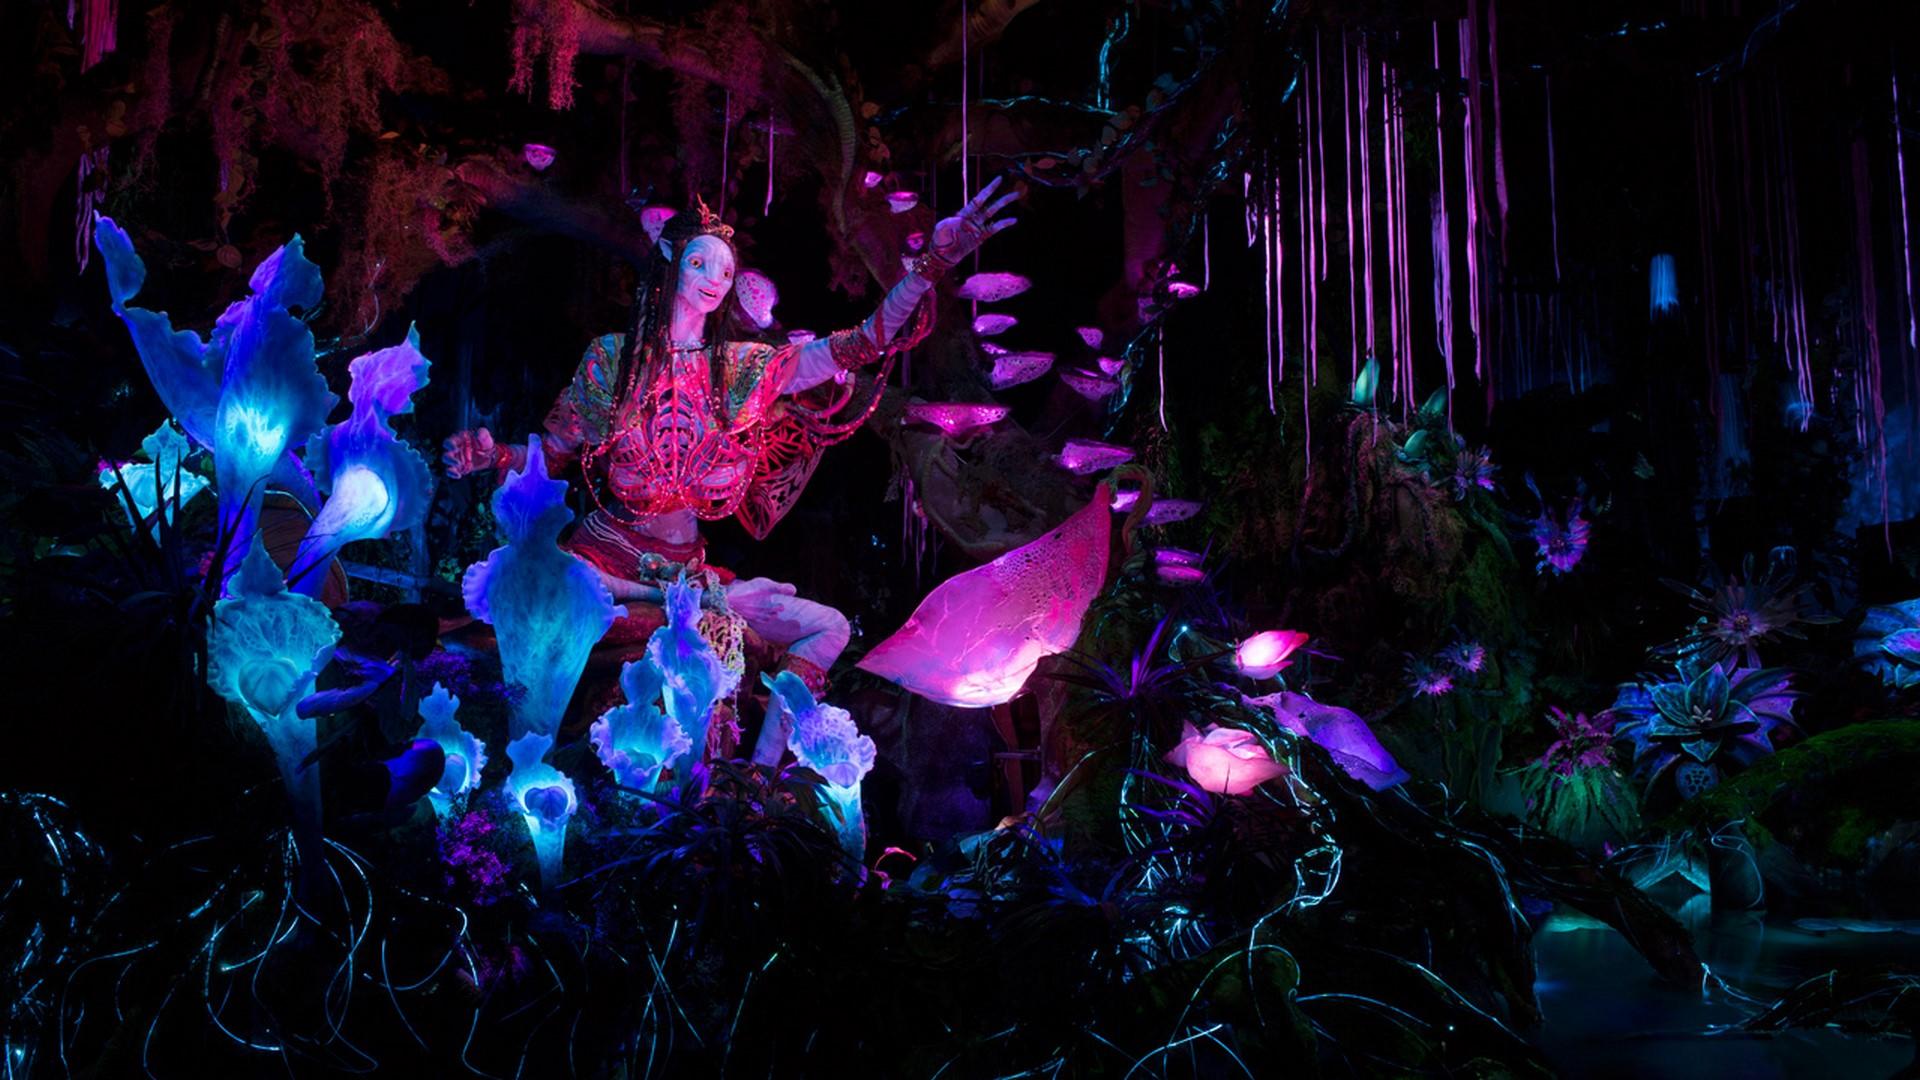 Abrió Pandora, la alucinante atracción de Disney dedicada a Avatar